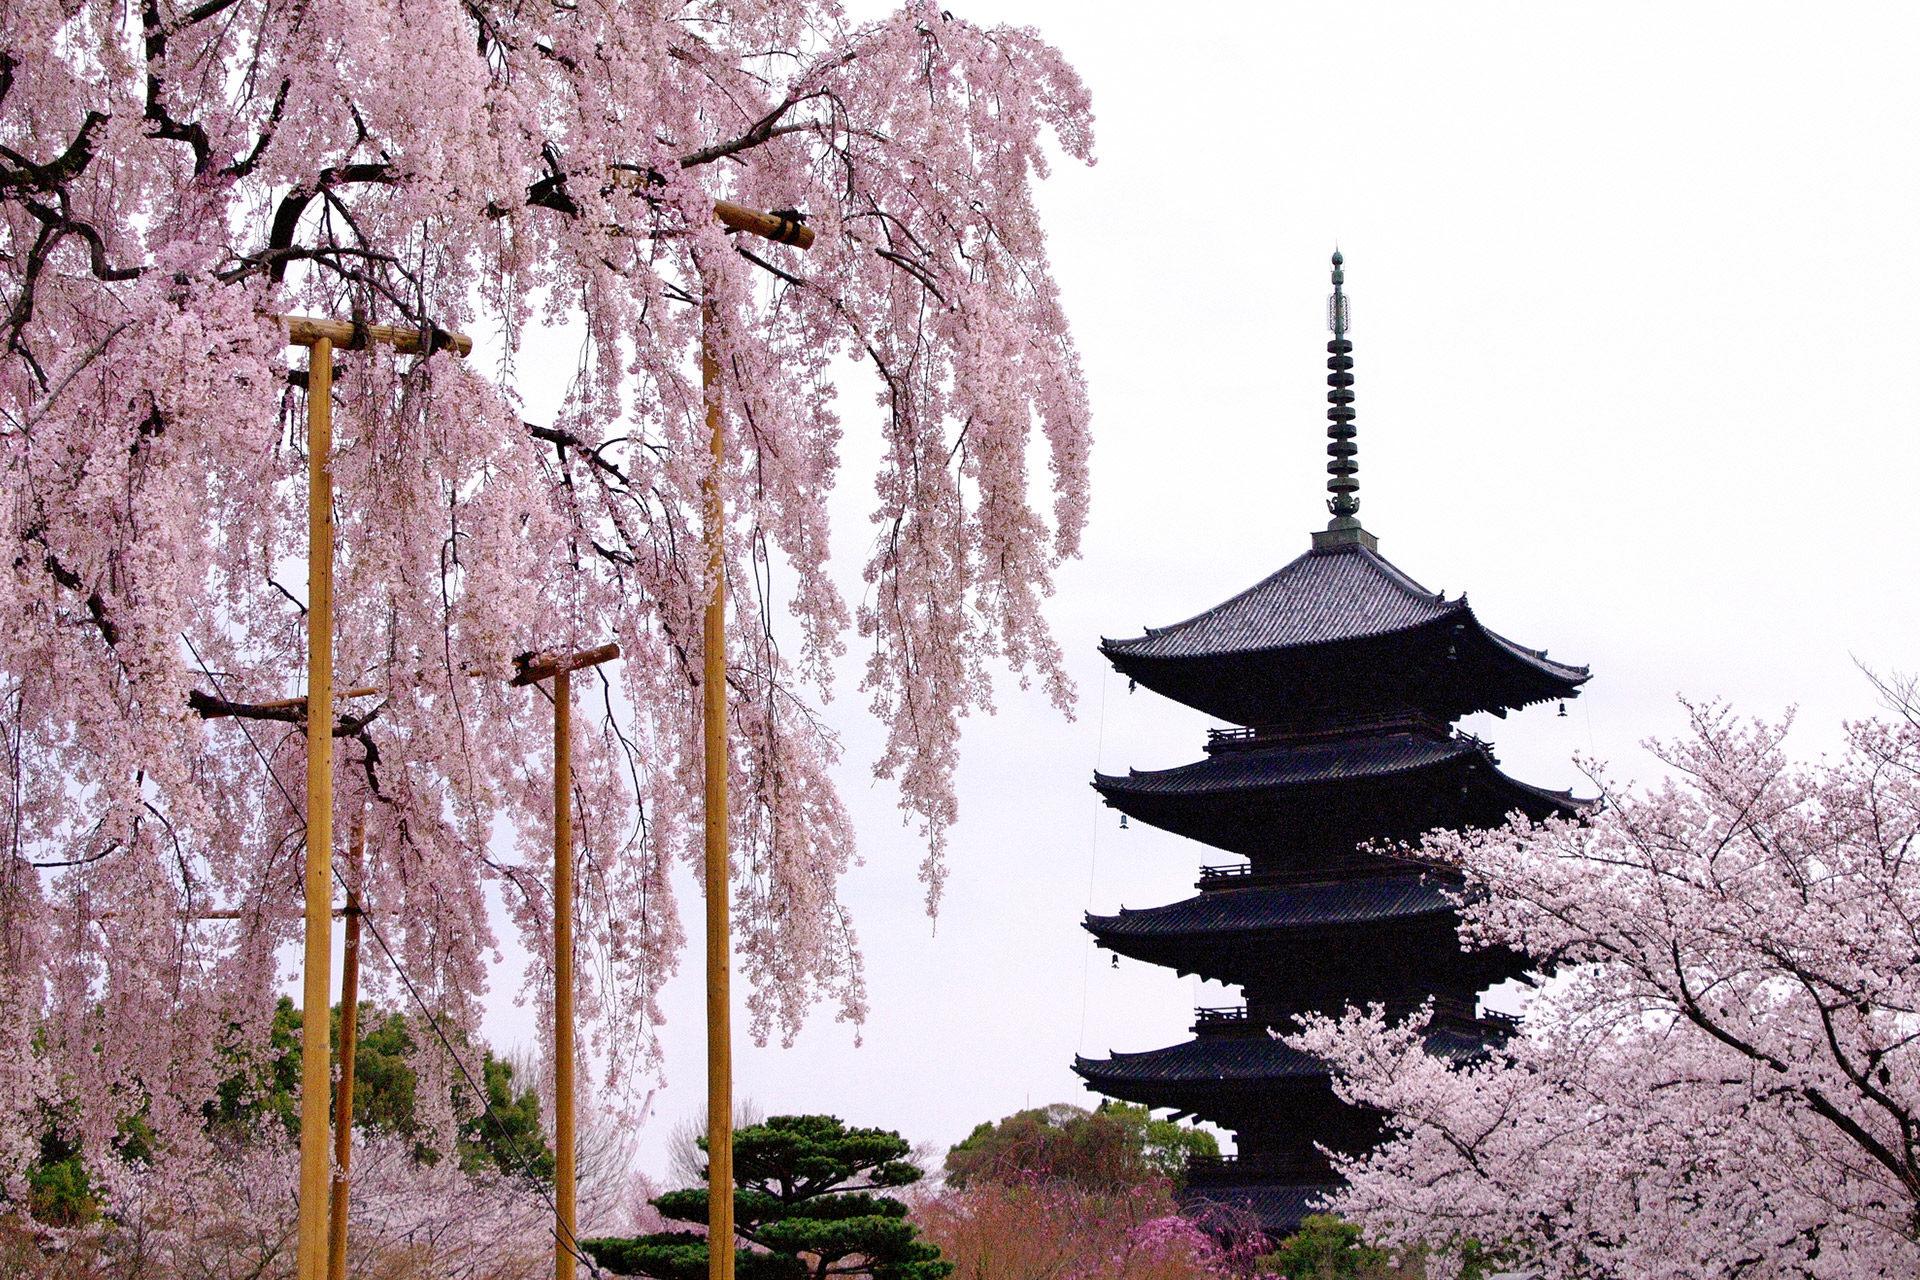 京都 東寺 五重塔 桜